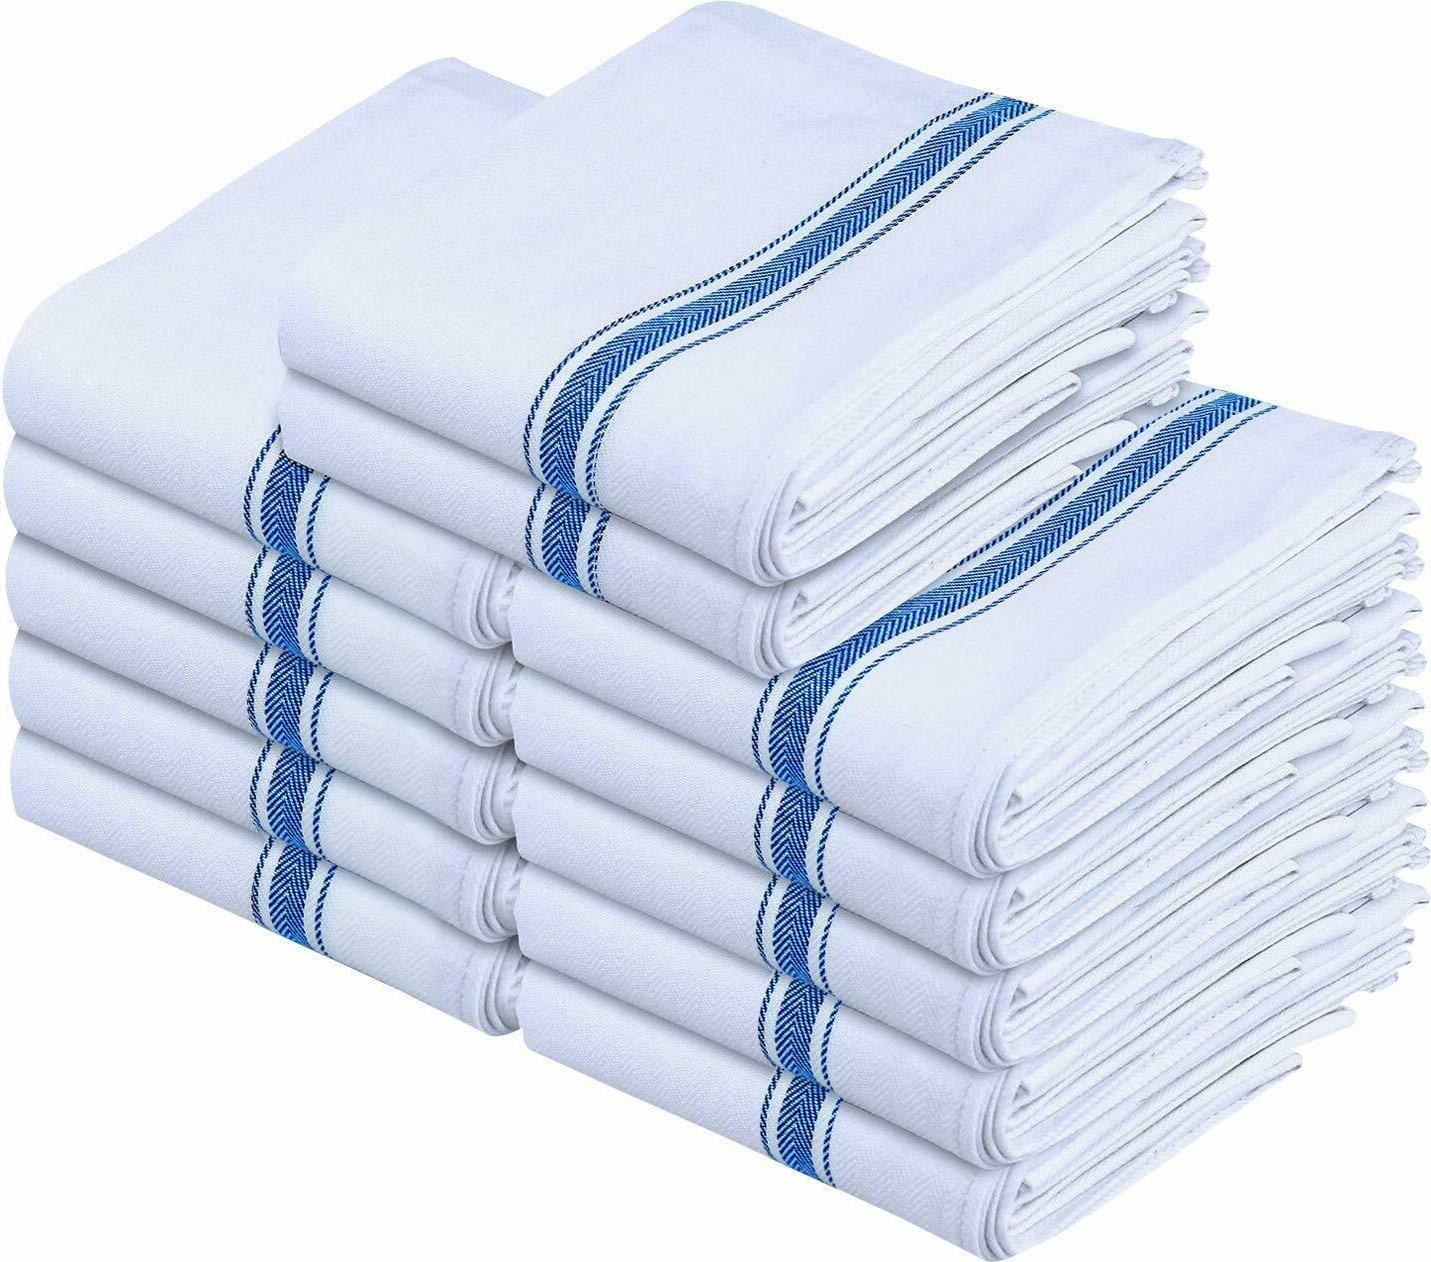 """Utopia Towels Towels 12 x 25"""" Cotton"""